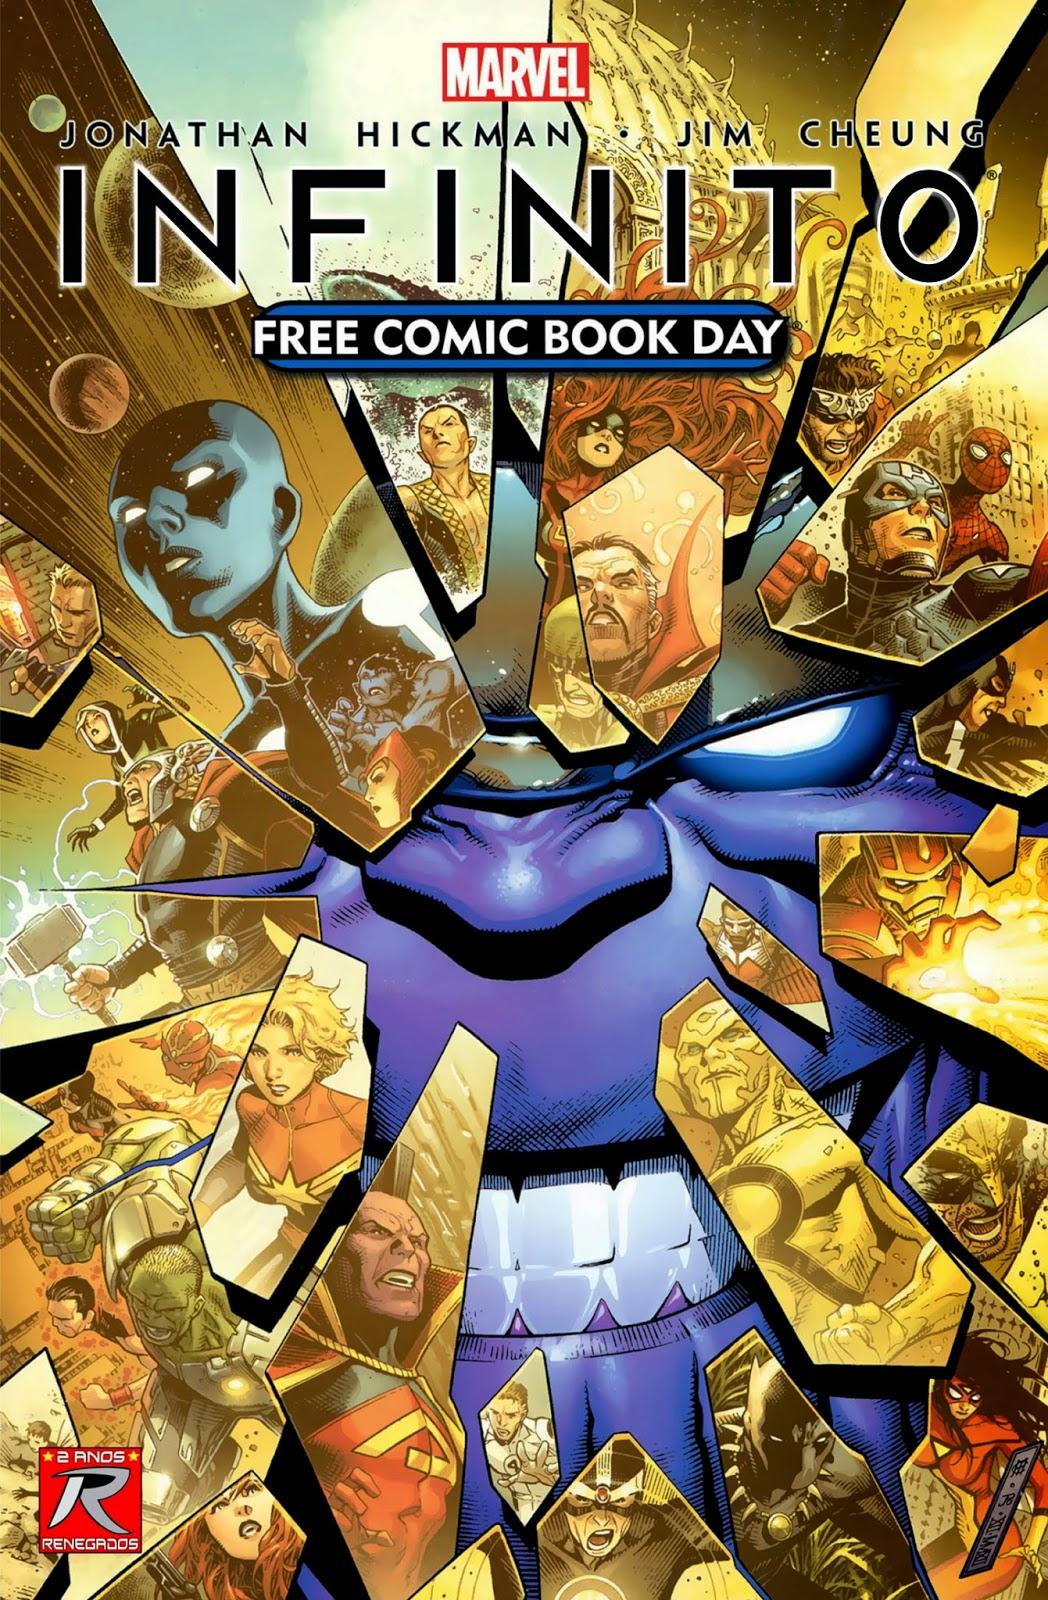 Nova Marvel! Infinito - Dia do Quadrinho Grátis #1